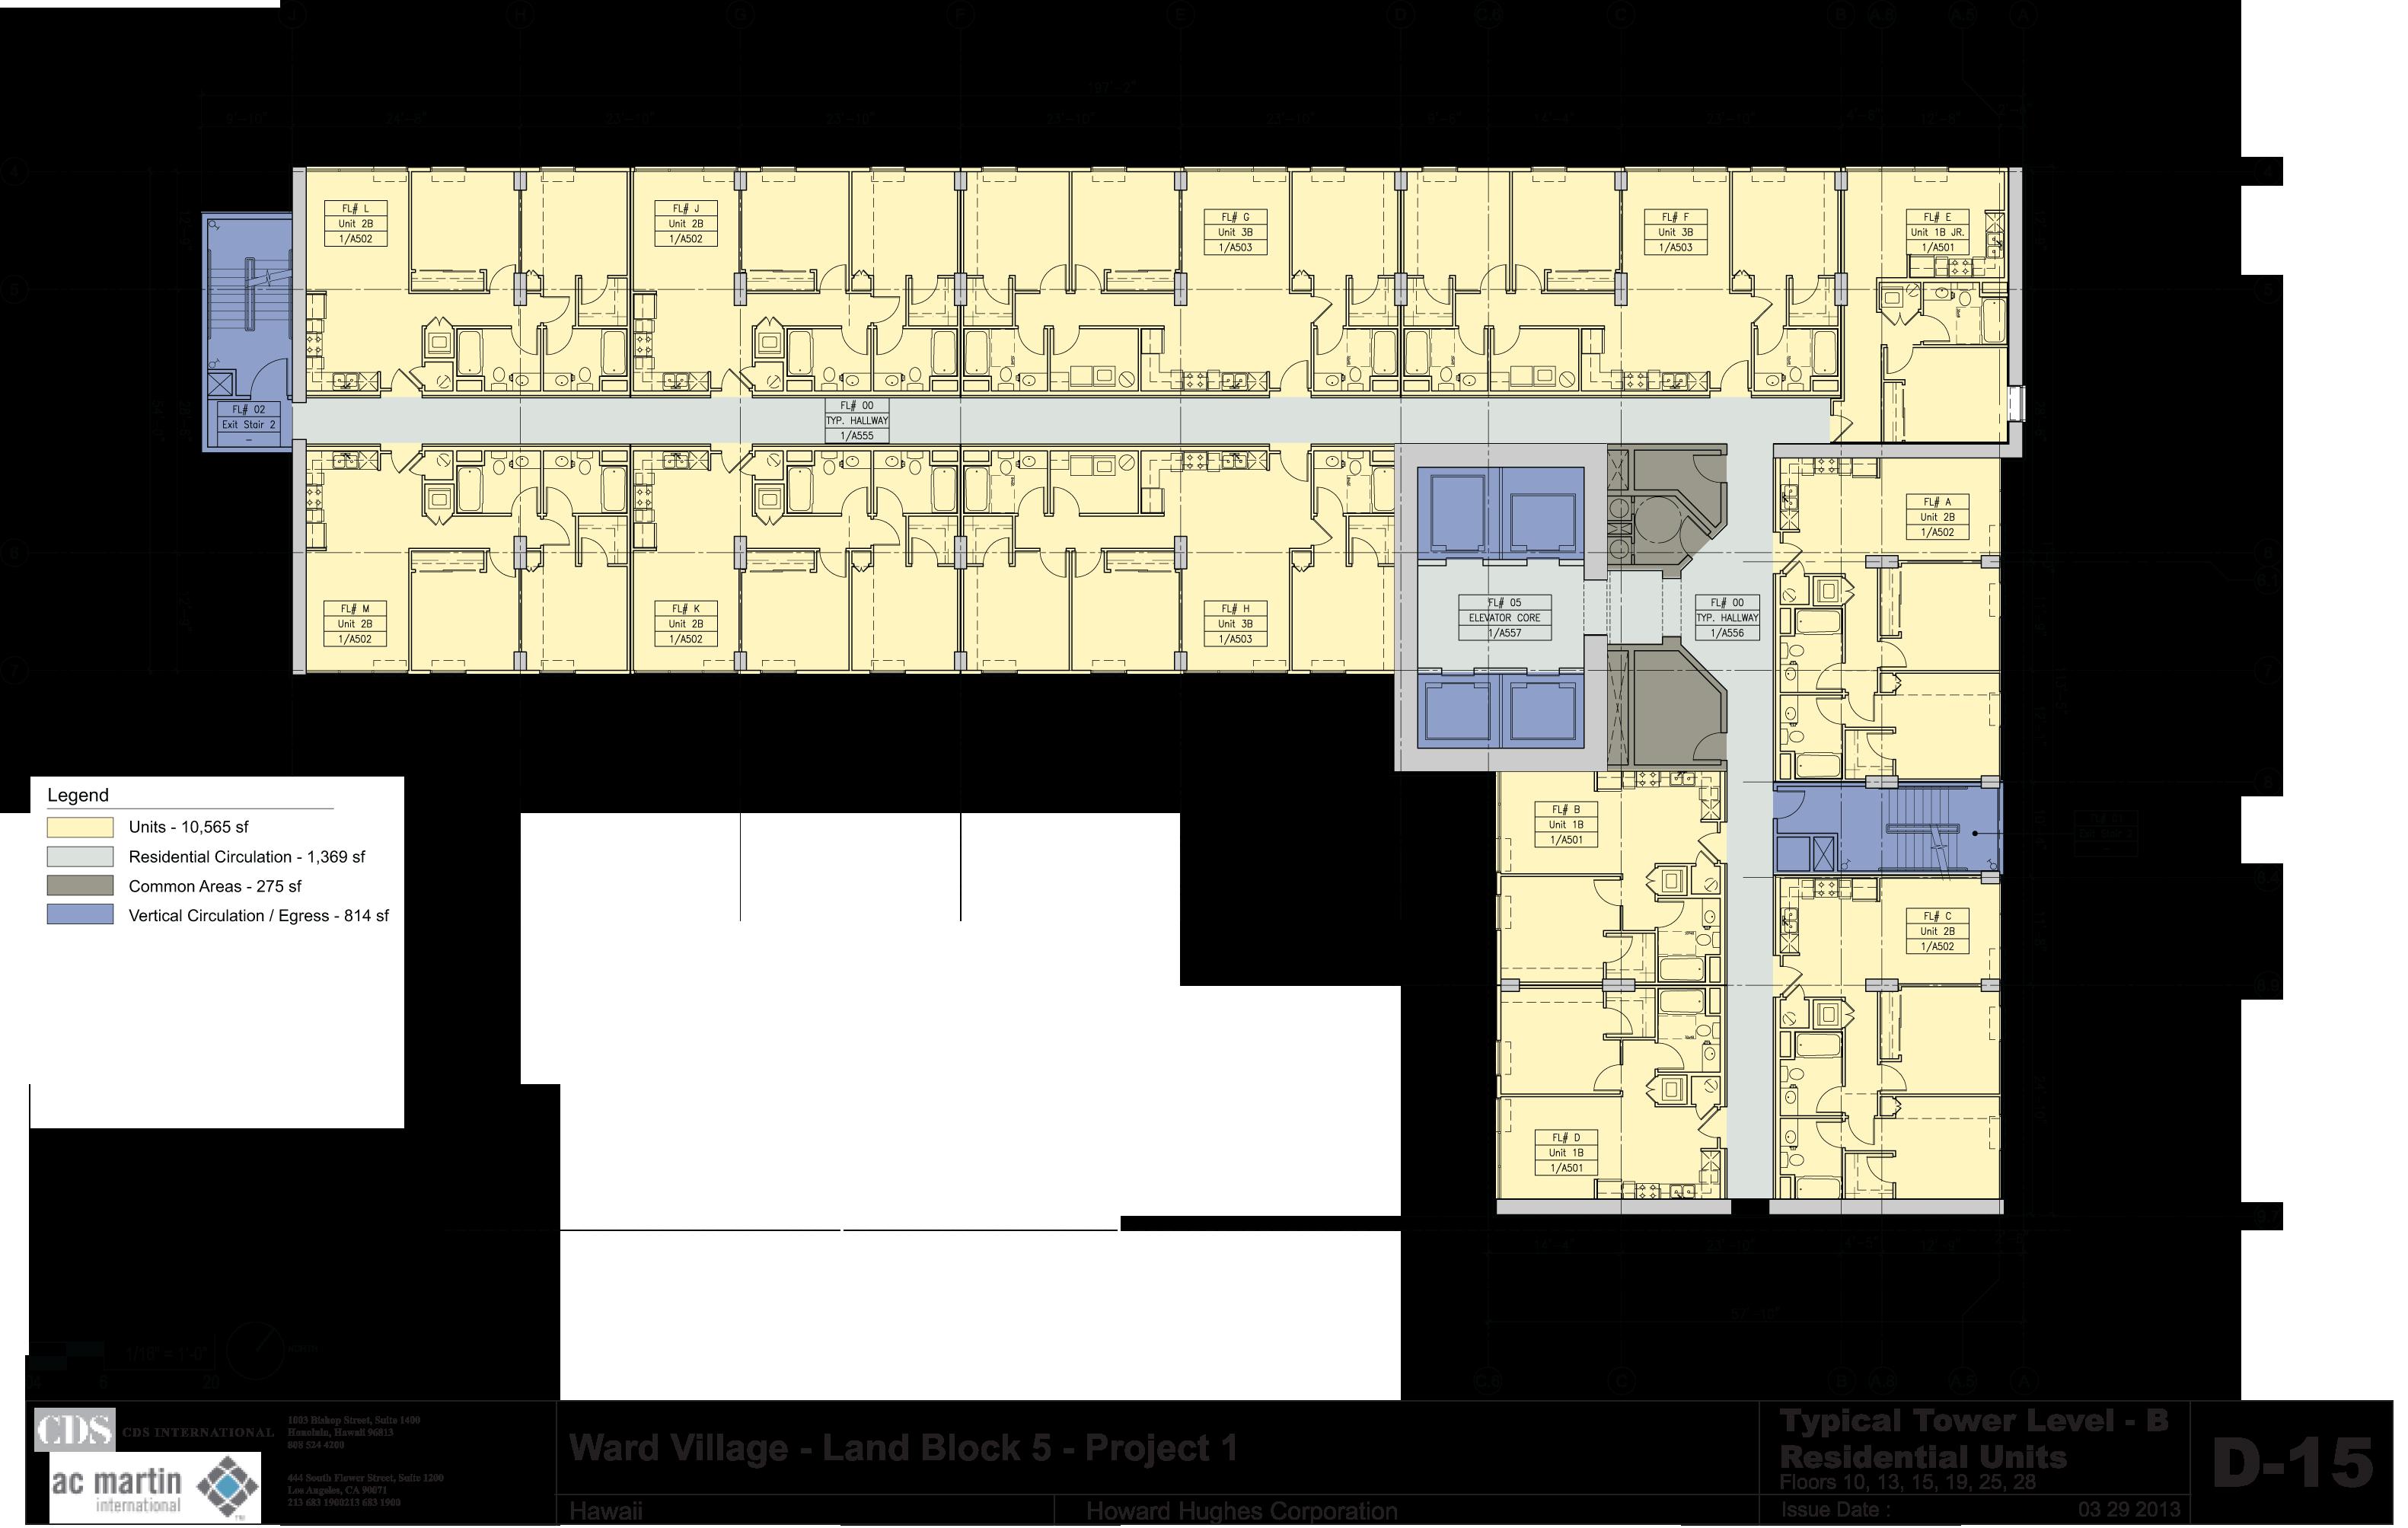 B Floors - 10,13,15,19,25,28